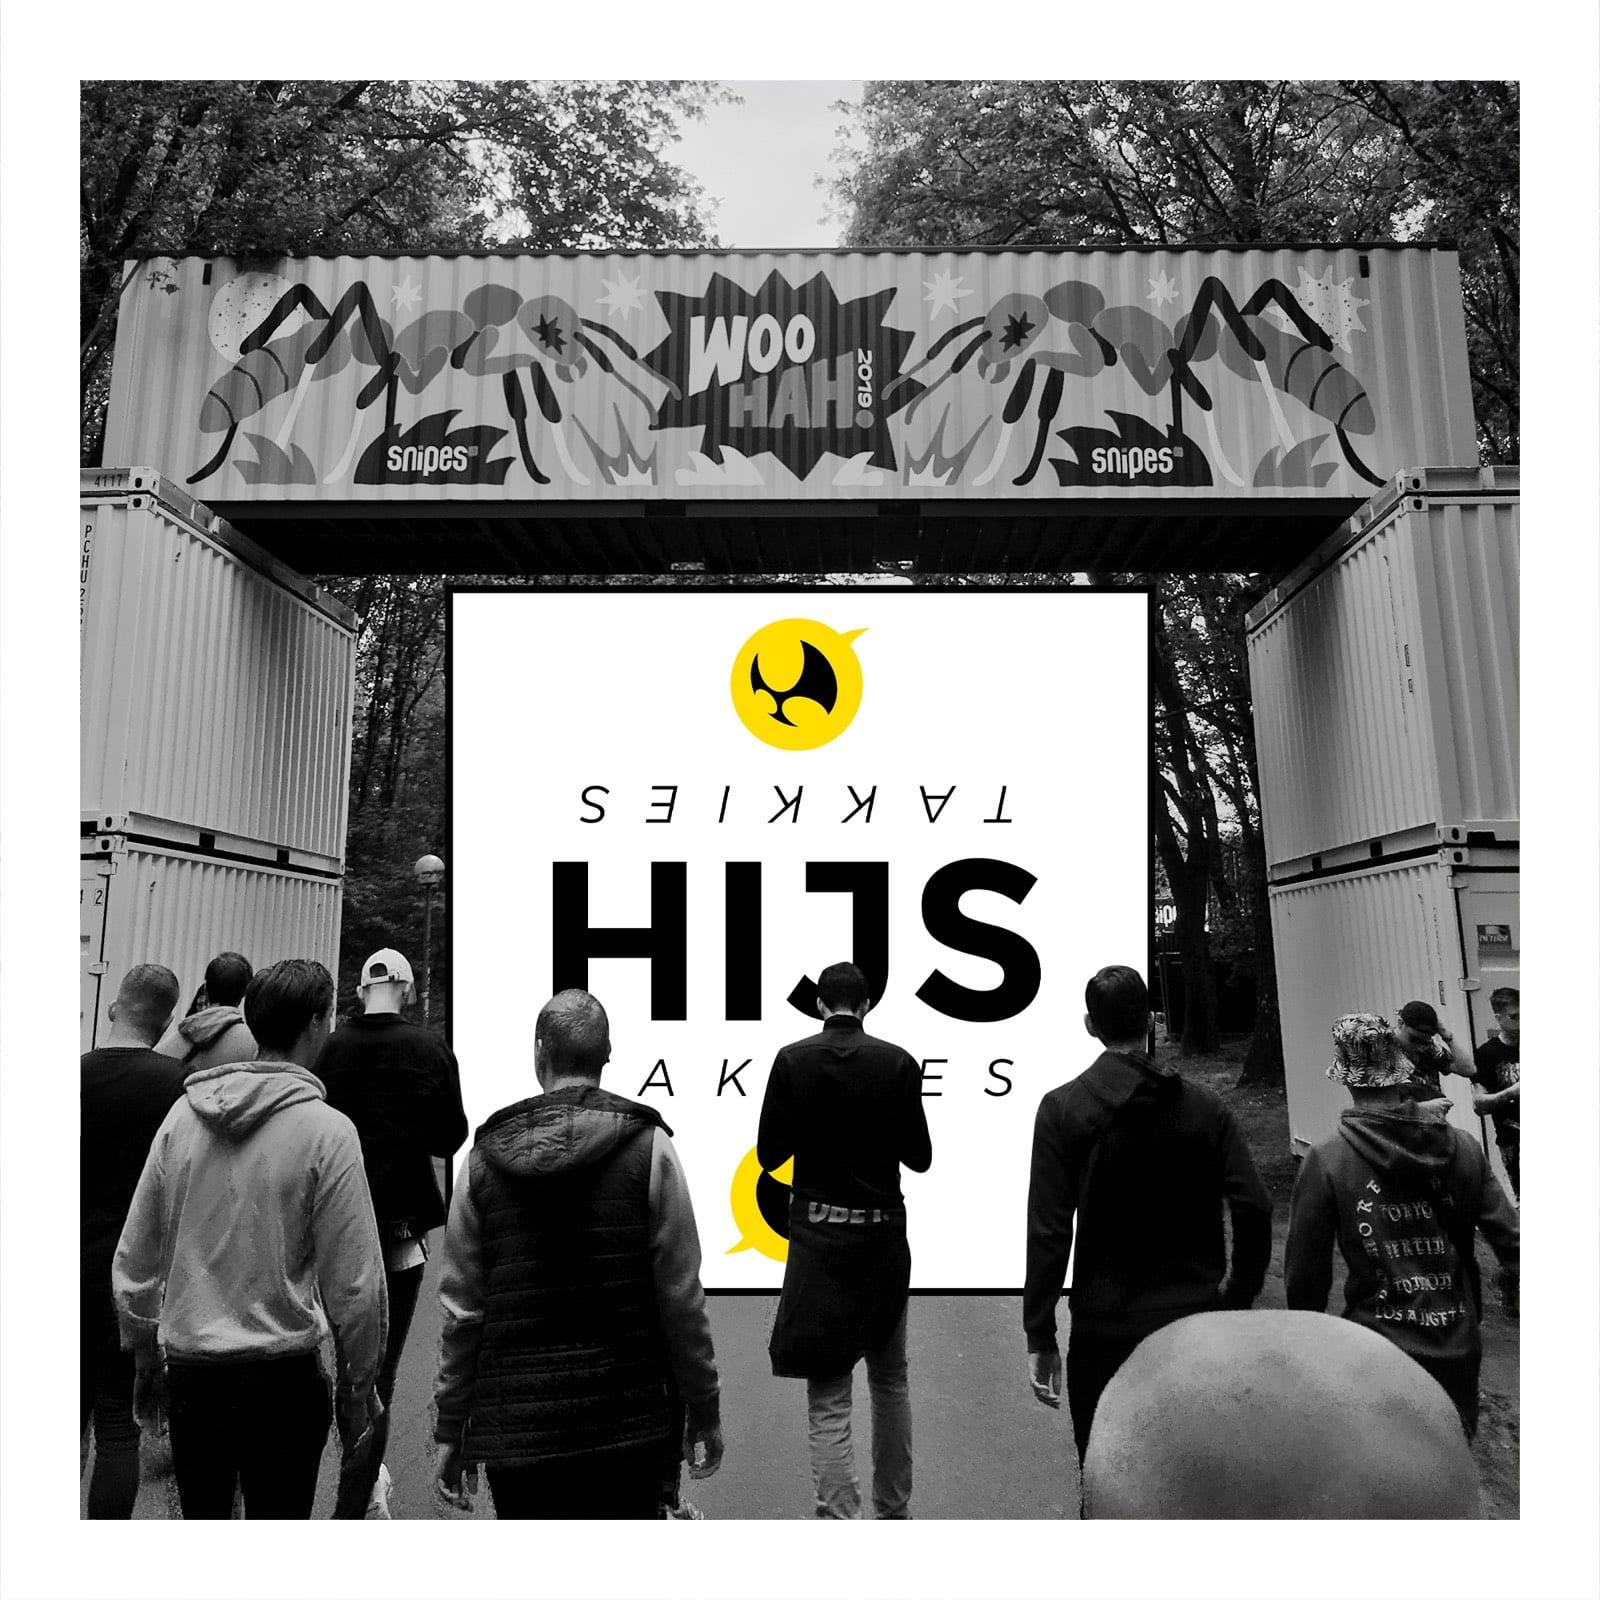 HIJStakkies | Hoe Wild Was WOO HAH? 2019